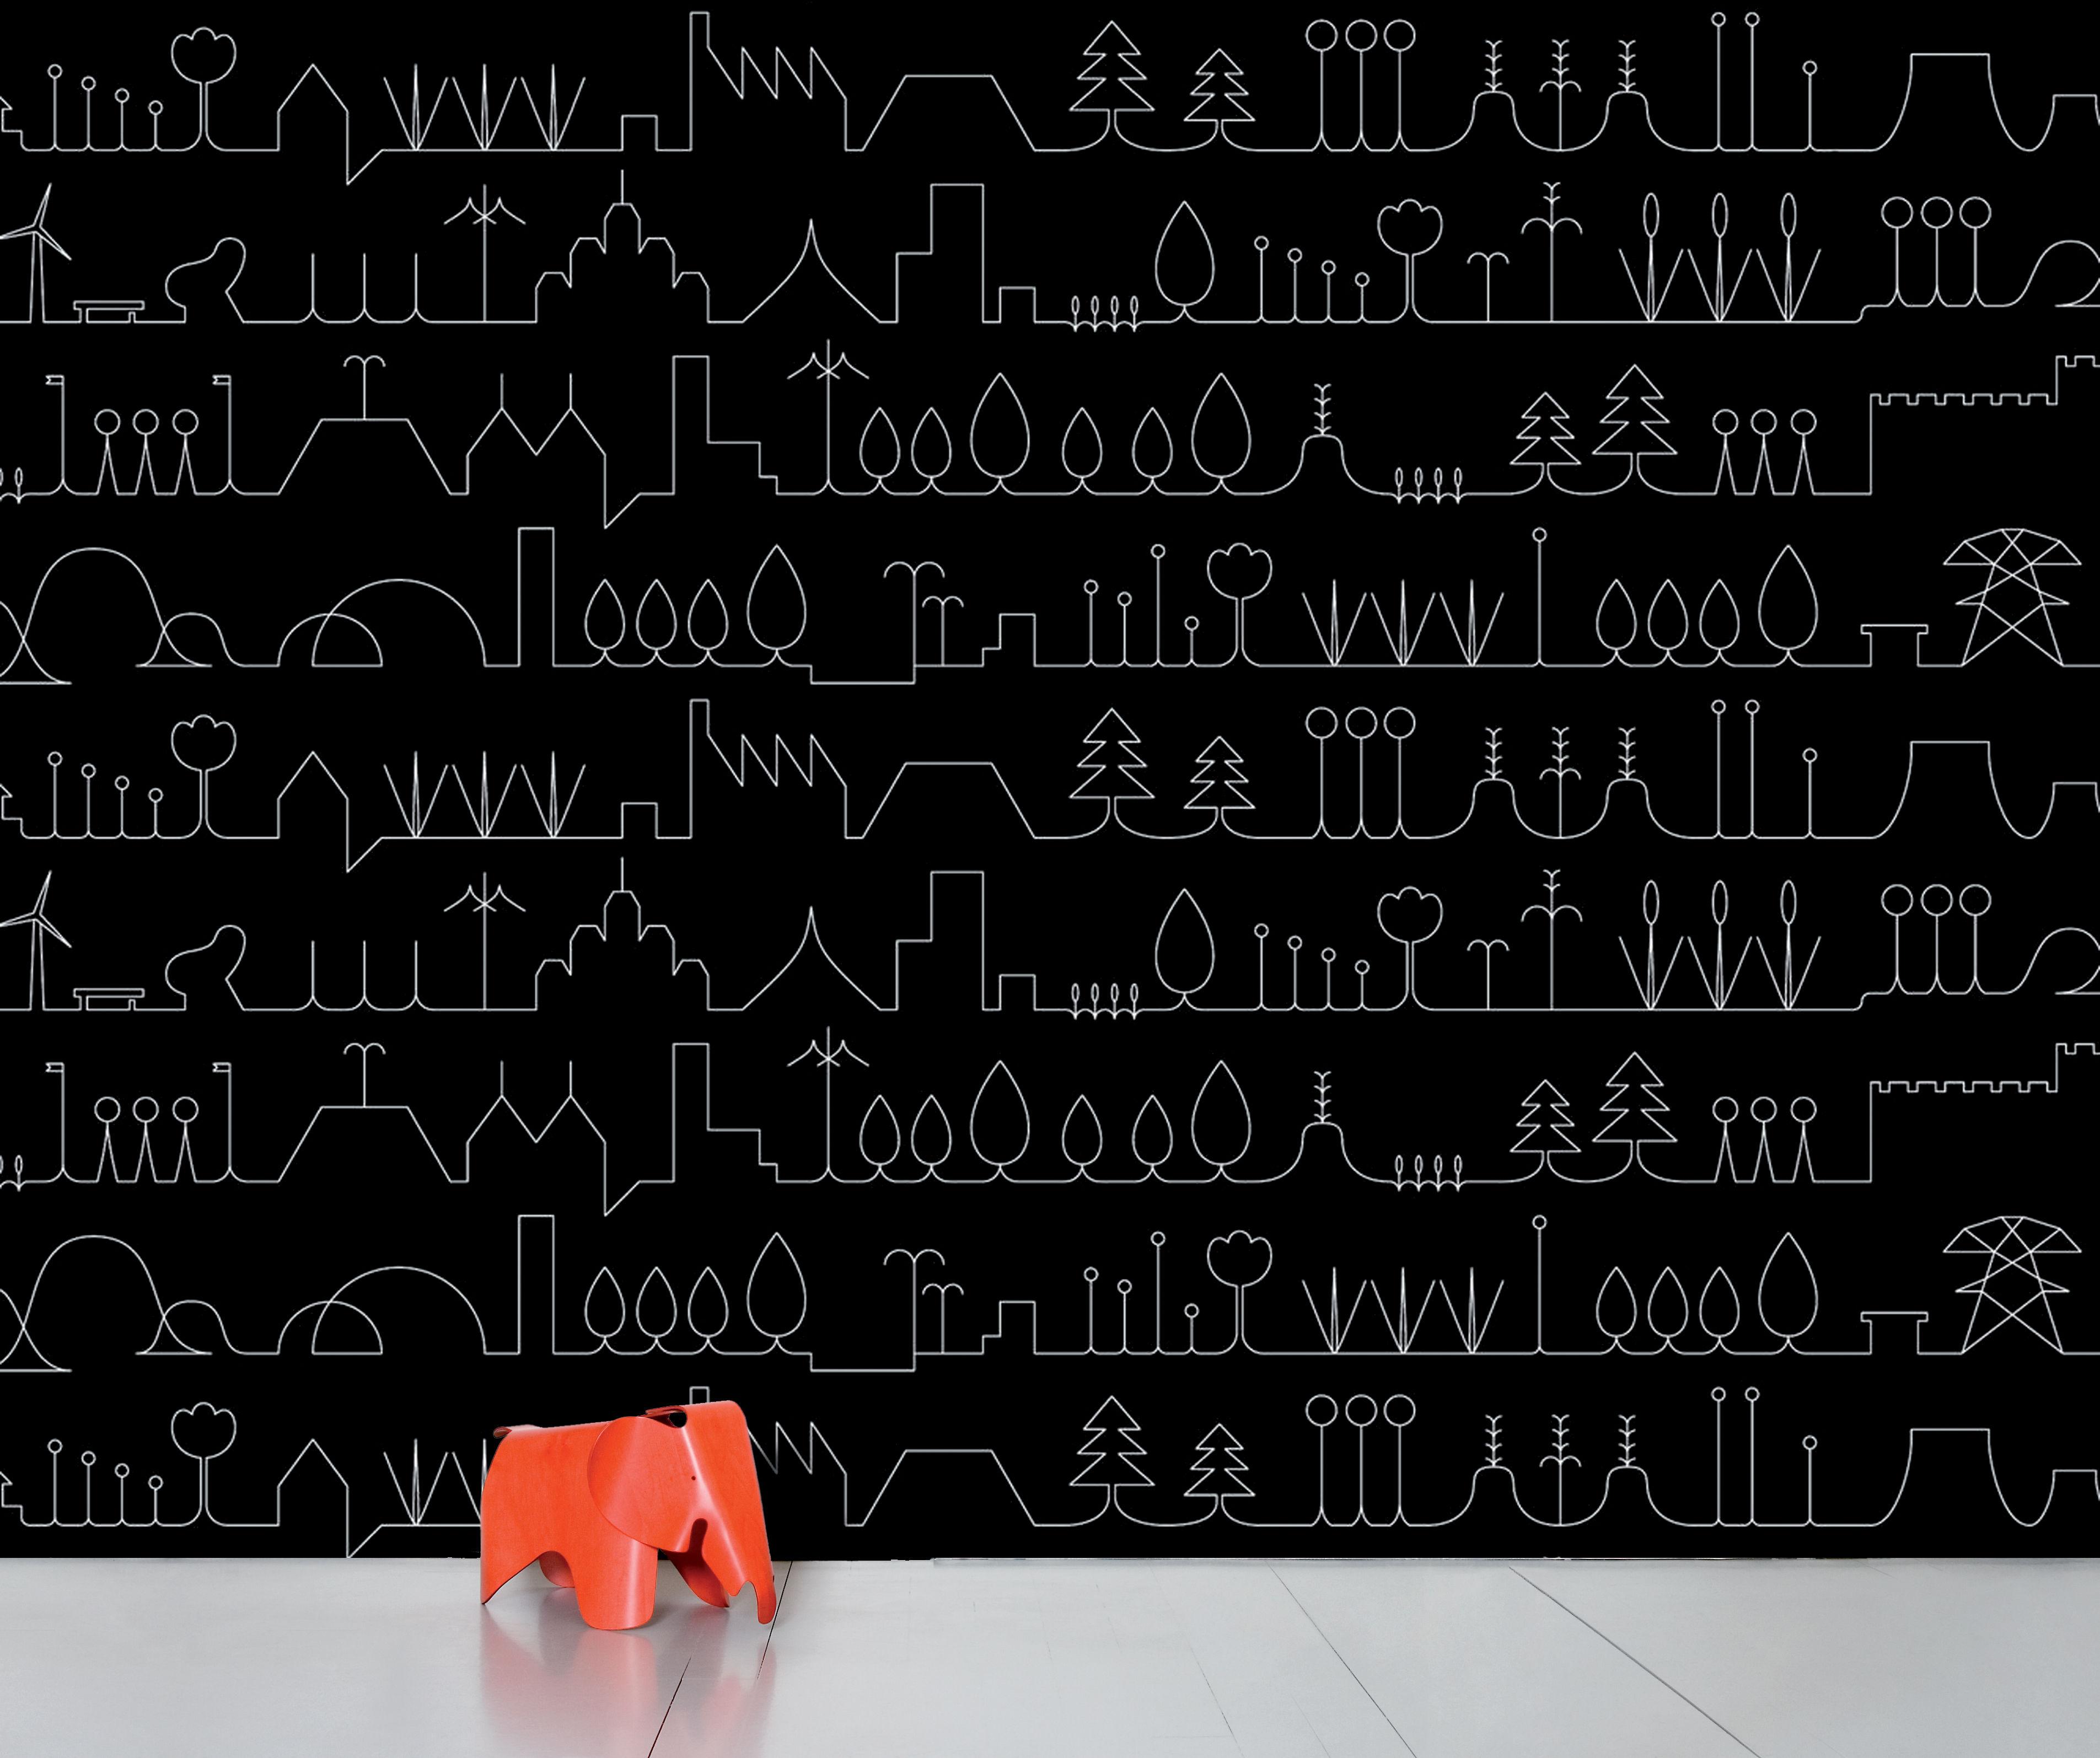 Déco - Stickers, papiers peints & posters - Papier peint panoramique WallpaperLab Promenade / 8 lés - L 372 x H 300 cm - Domestic - Promenade / Noir & blanc - Papier intissé